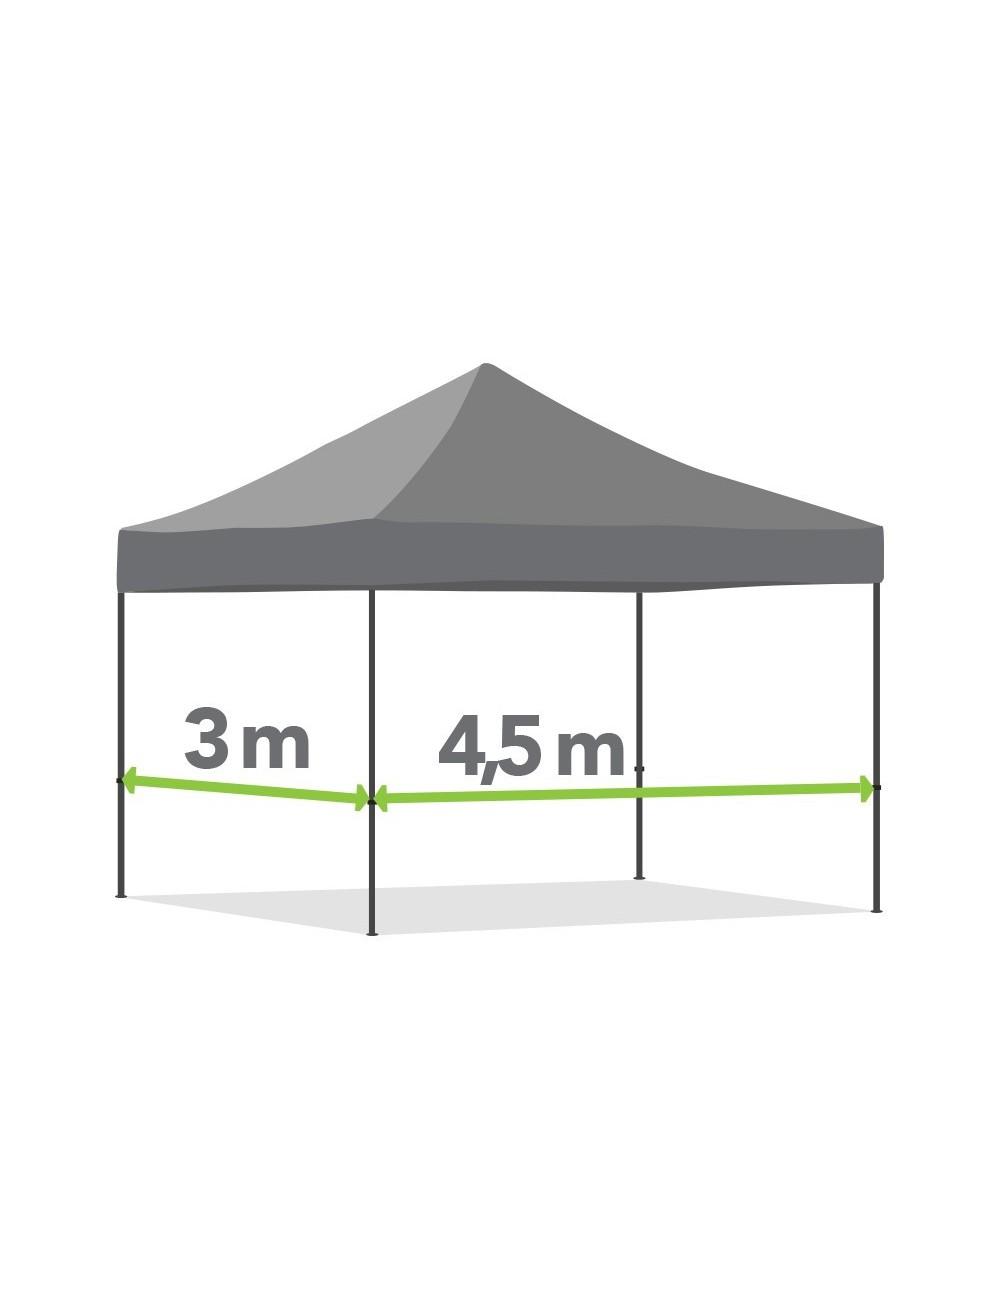 Tonnelle pliante de 3m x 4,5m